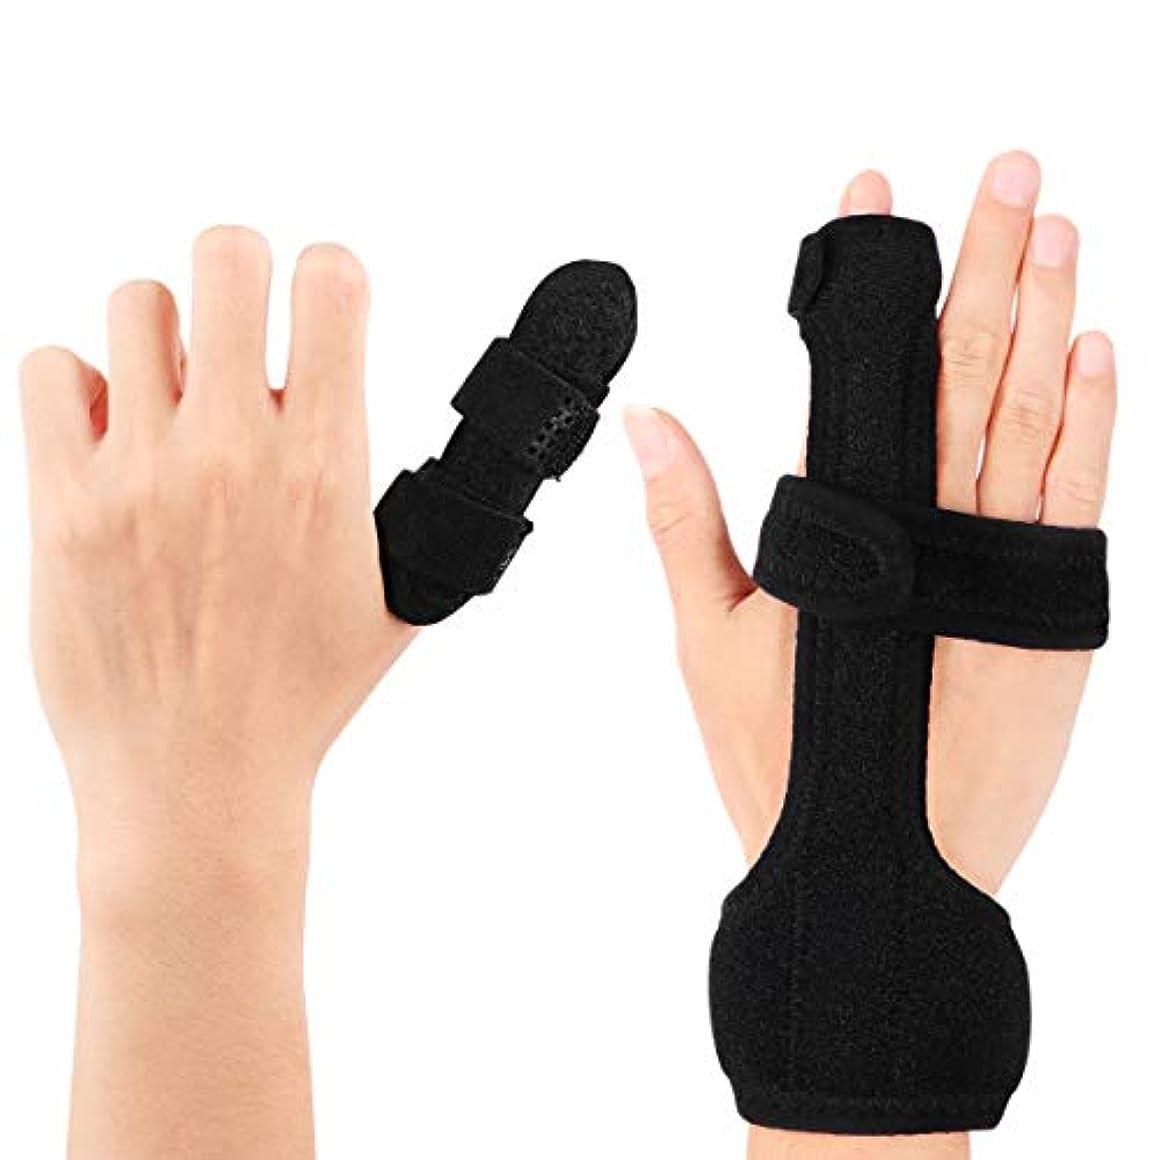 グローブタイプライター幻滅Healifty トリガーフィンガースプリントフィンガーブレースハンドスプリントフィンガーサポート、固定ベルトによる指の痛みを軽減します(黒)